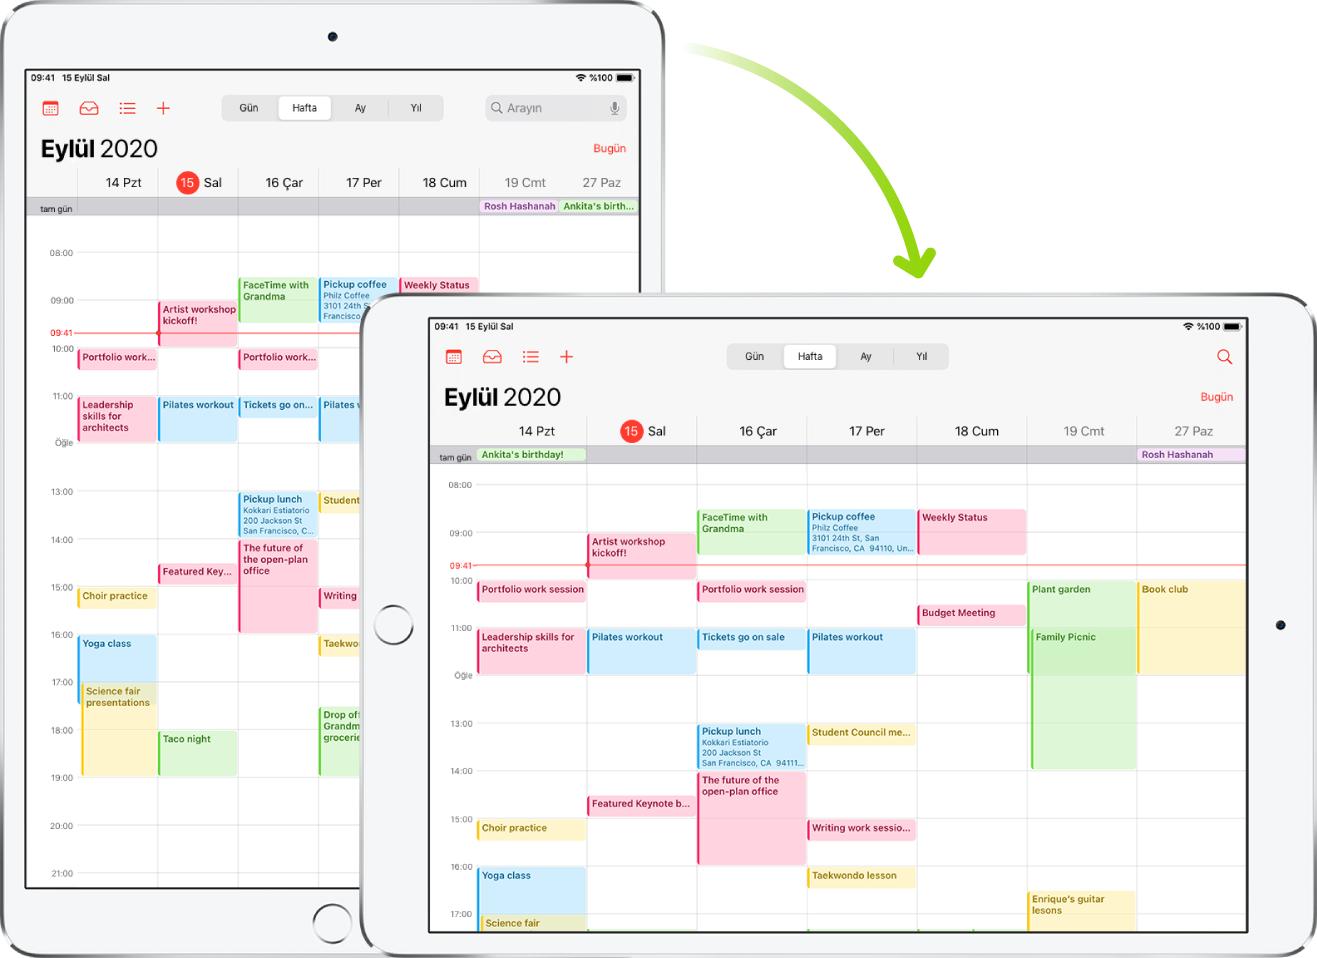 Arka planda, iPad düşey yönde bir Takvim ekranı gösteriyor; ön planda ise iPad, döndürülmüş ve Takvim ekranını yatay yönde gösteriyor.